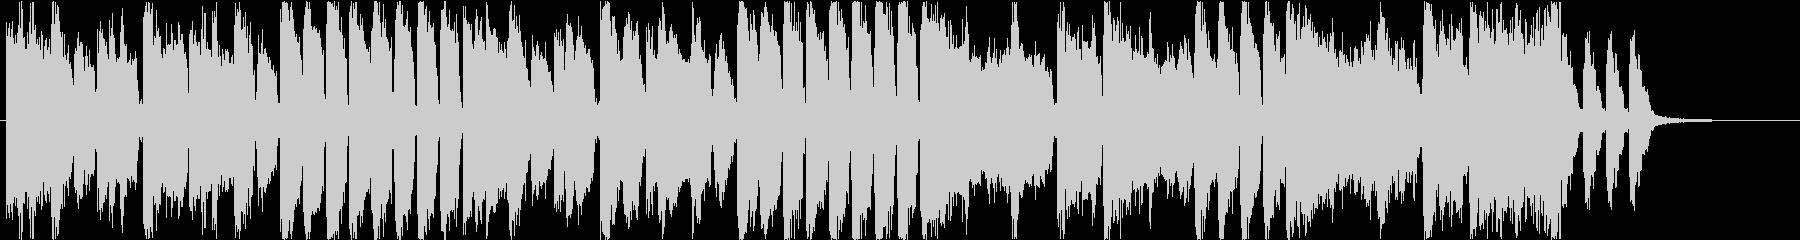 30秒】EDM とにかくハッピー感すごいの未再生の波形